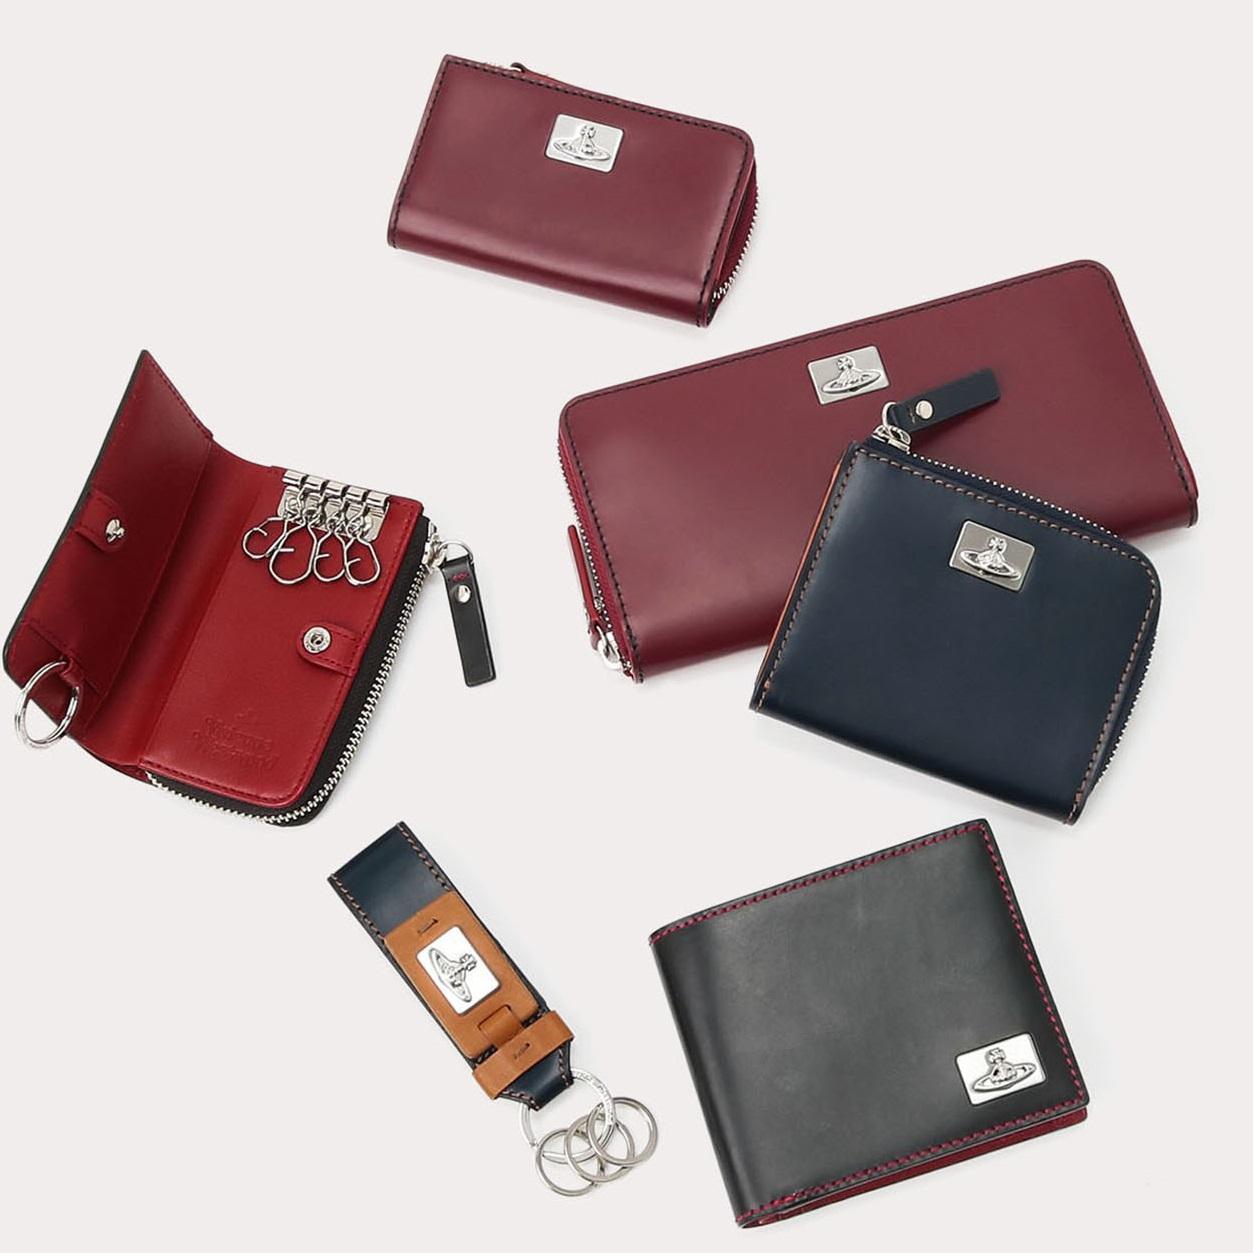 【新商品】メンズ財布・レザーグッズ カラーステッチシリーズのご紹介